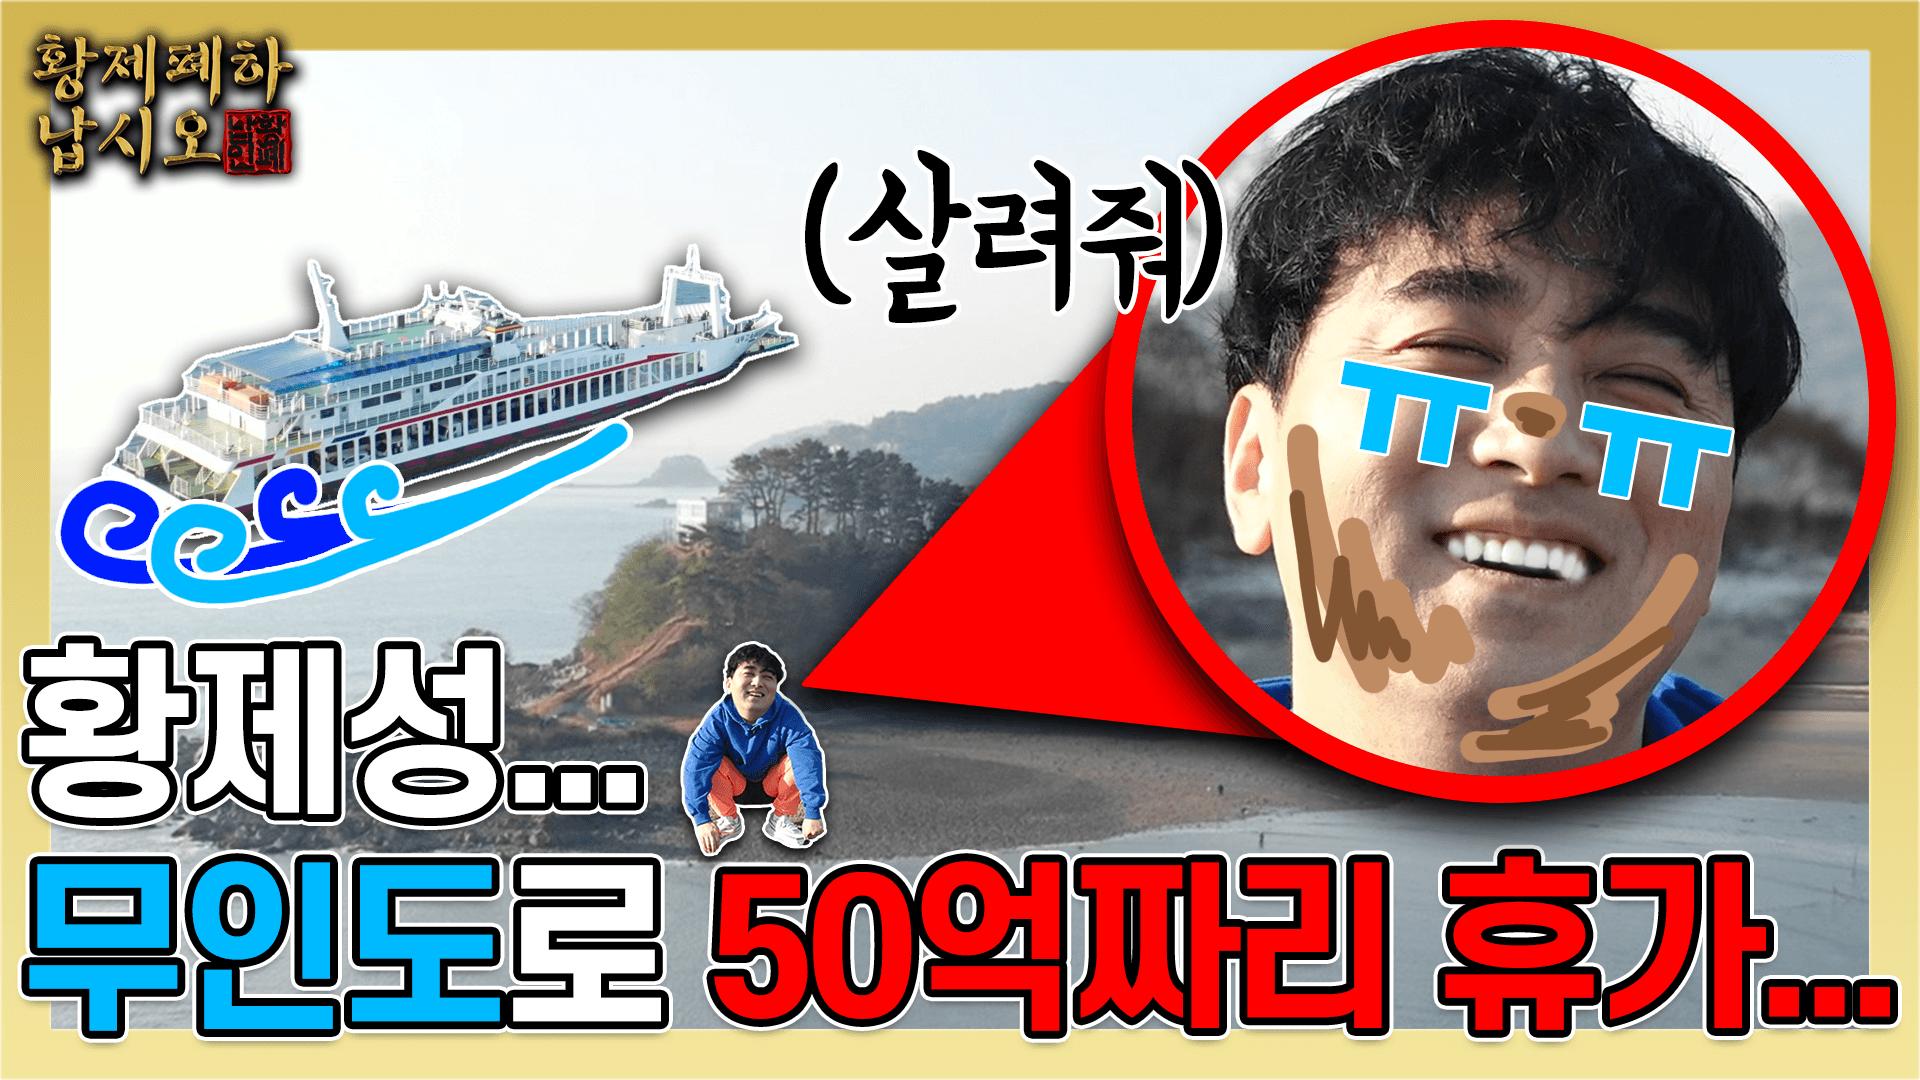 황제성 50억짜리 무인도에 끌려가다...한국에서 해적선 발견??? [황제폐하 납시오]